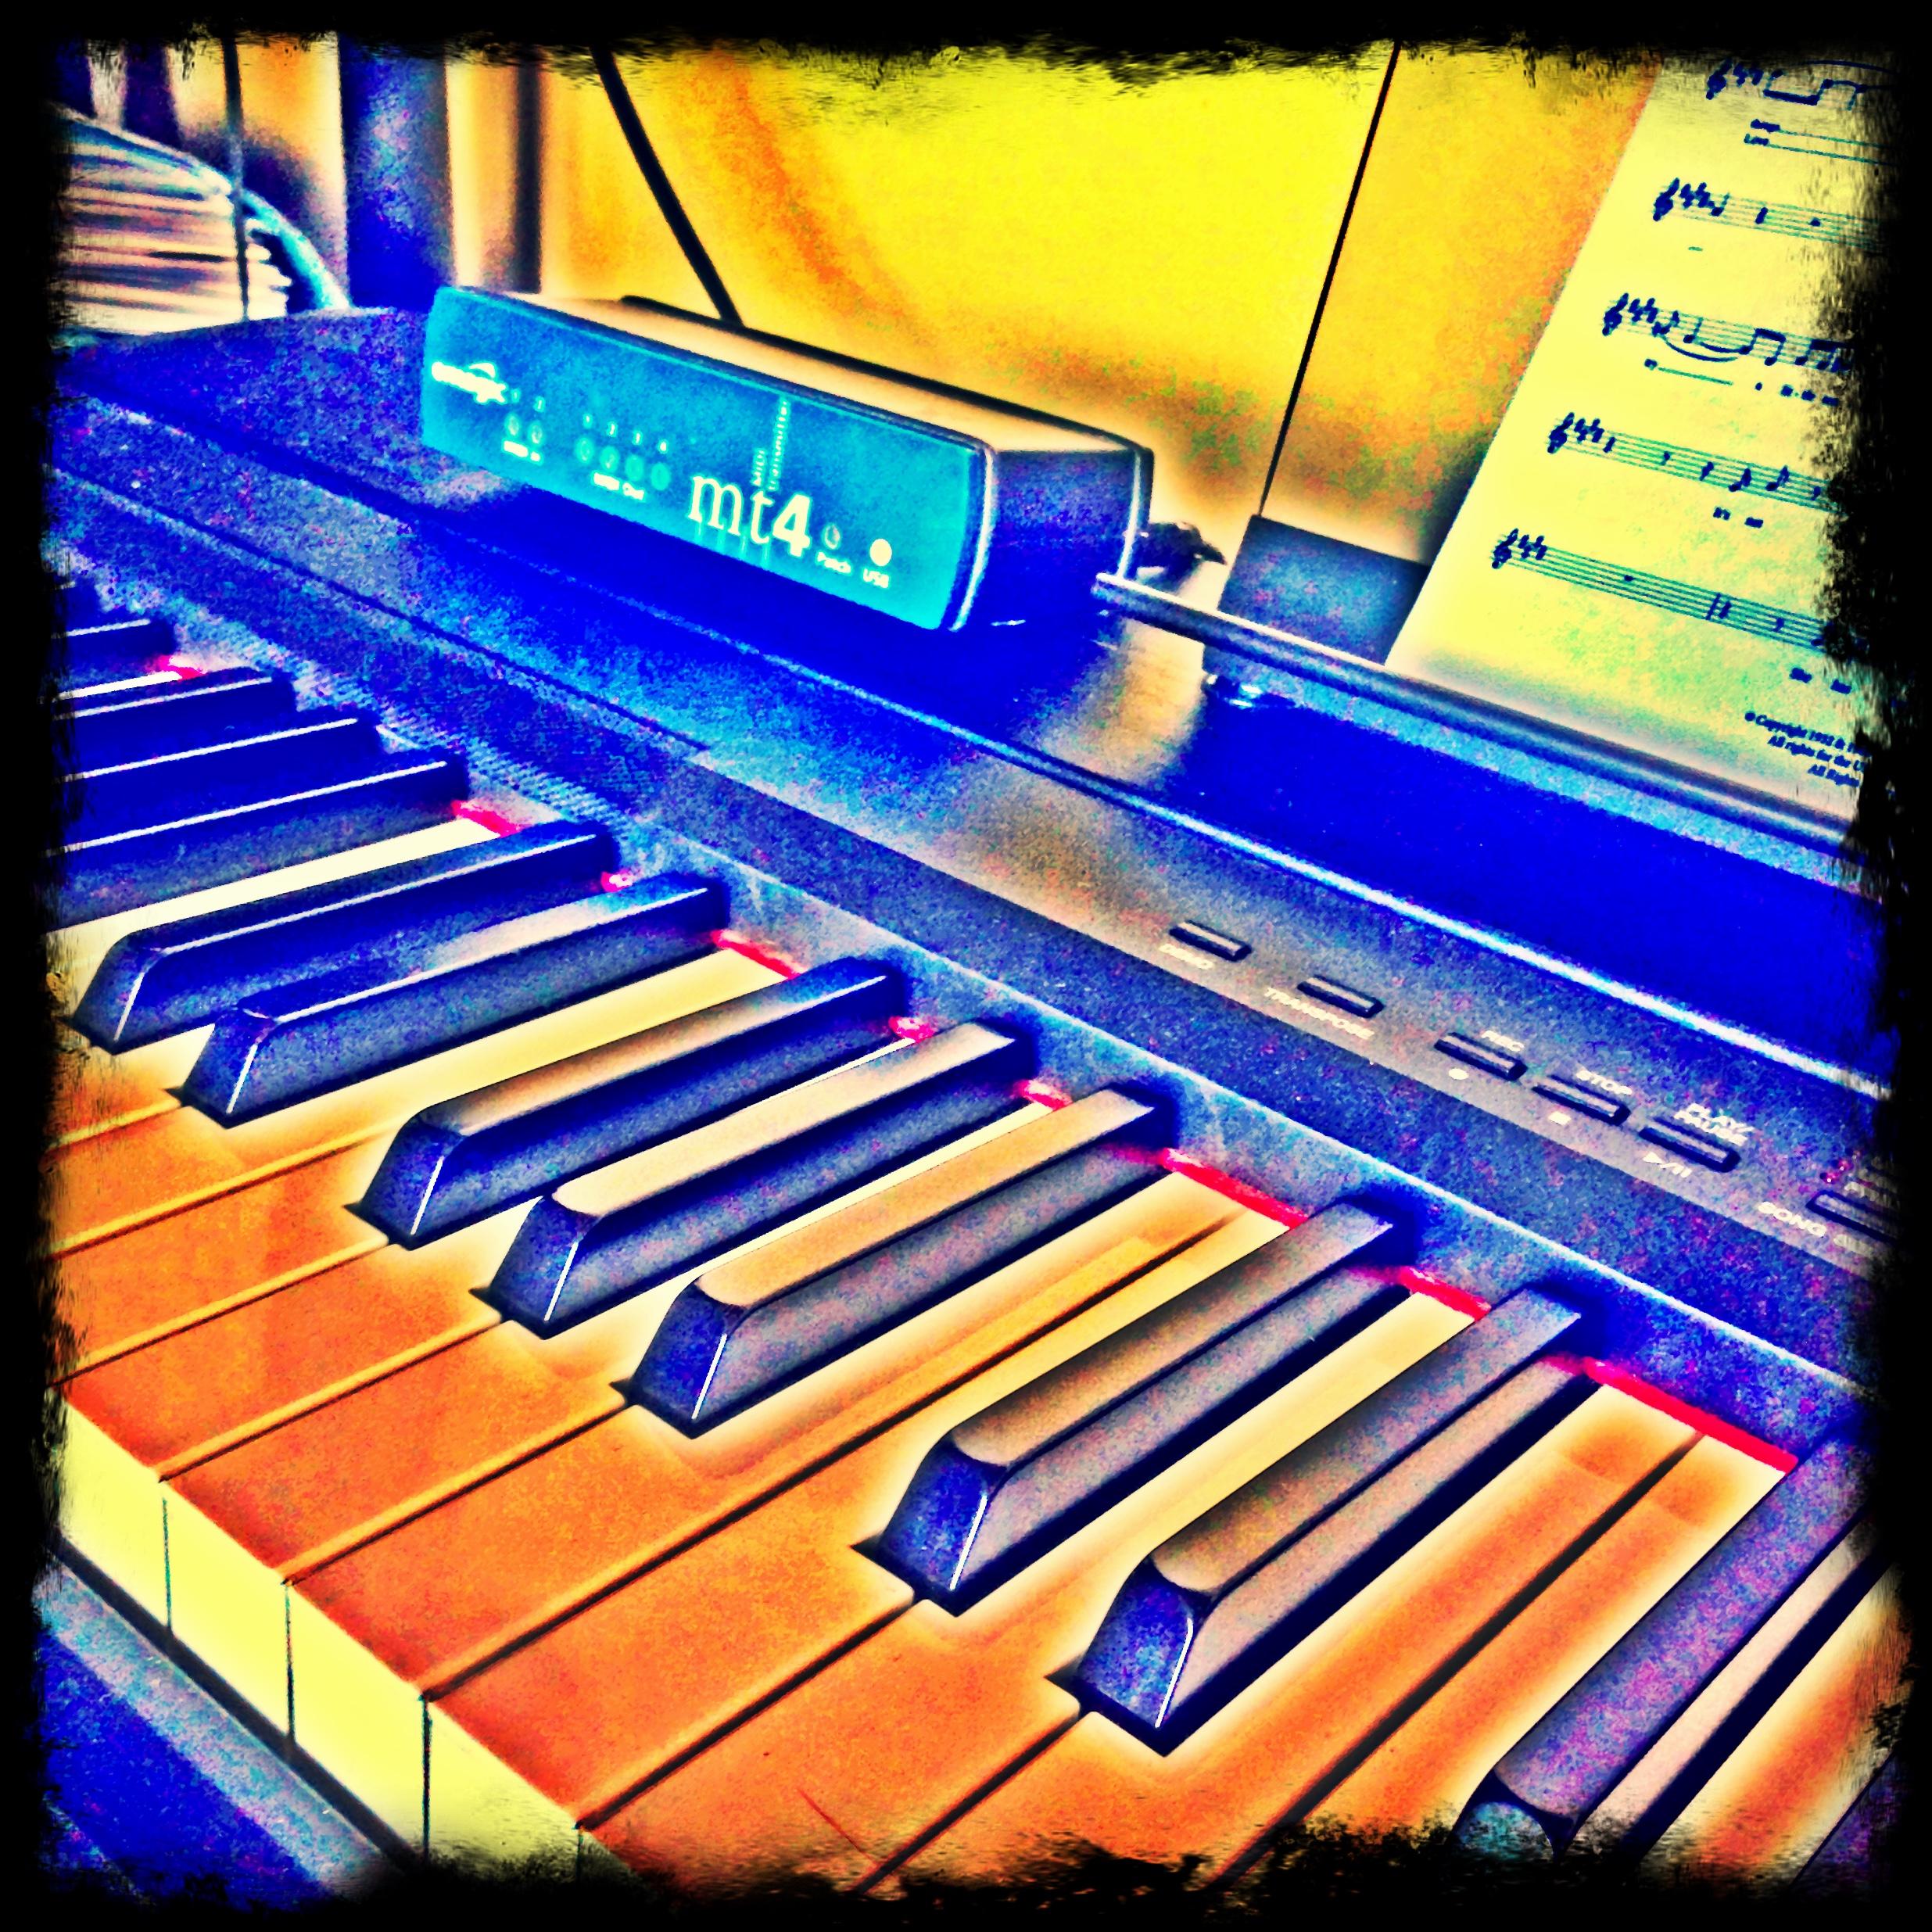 Piano Joseph Attenborough